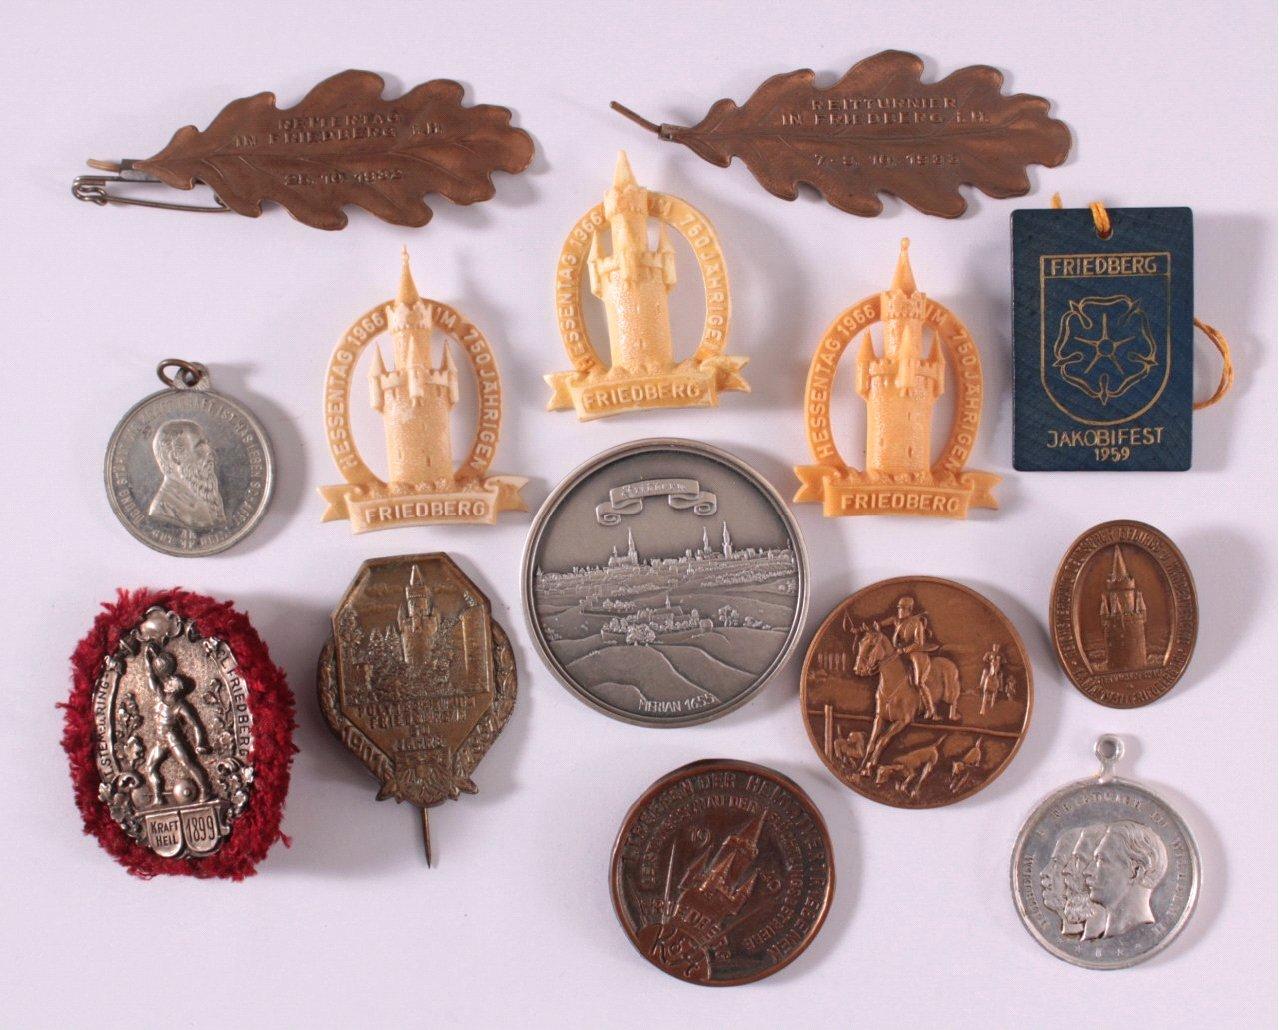 Veranstaltungsabzeichen und -Medaillen Friedberg